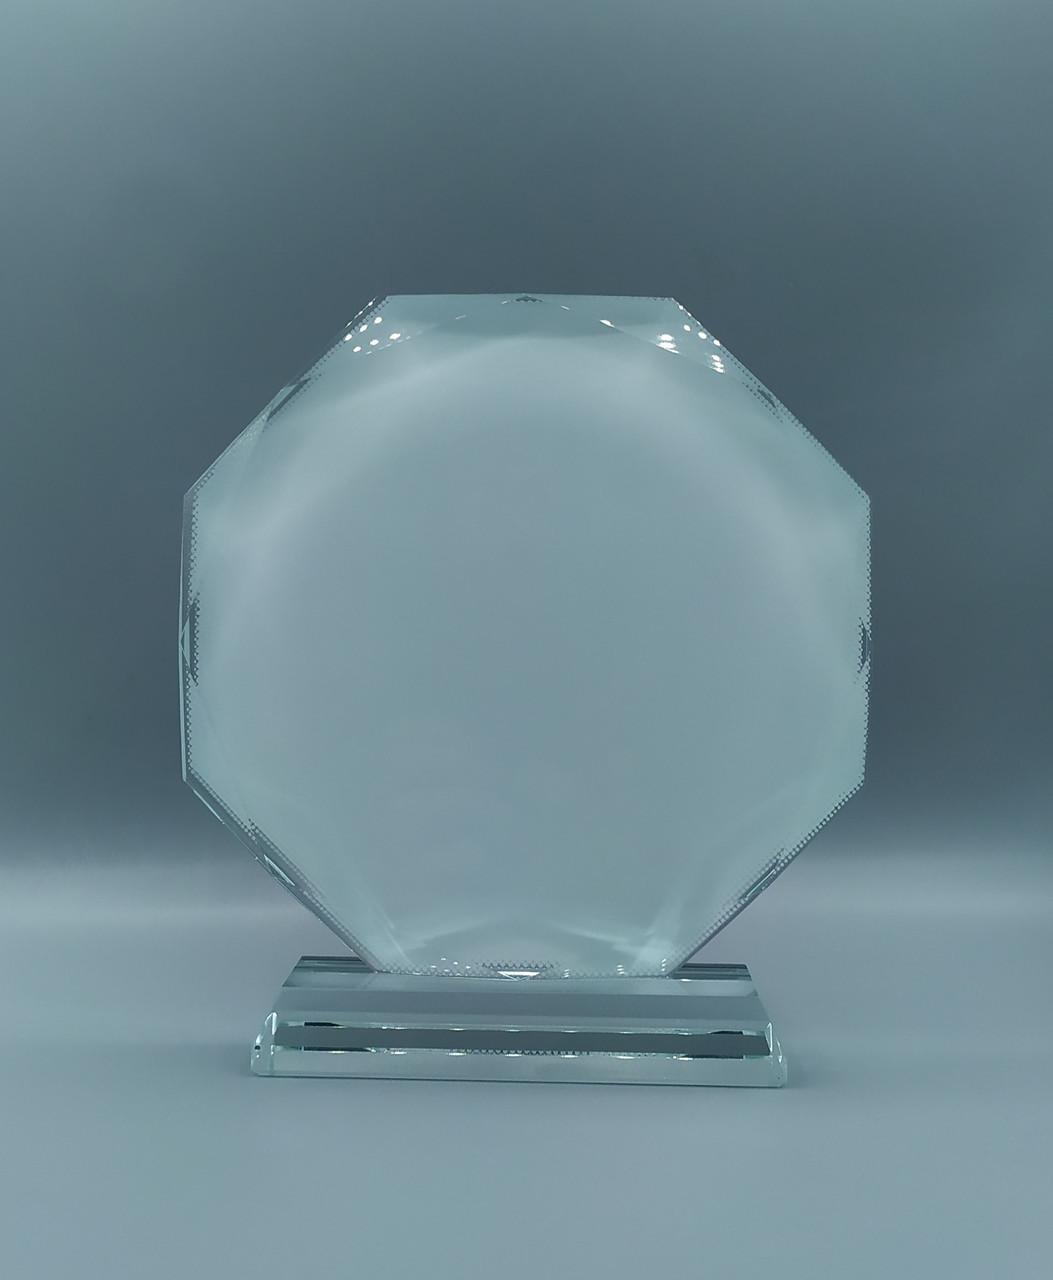 Фотокристалл для сублимации (BSJ 26c),размер - 160*160*18мм